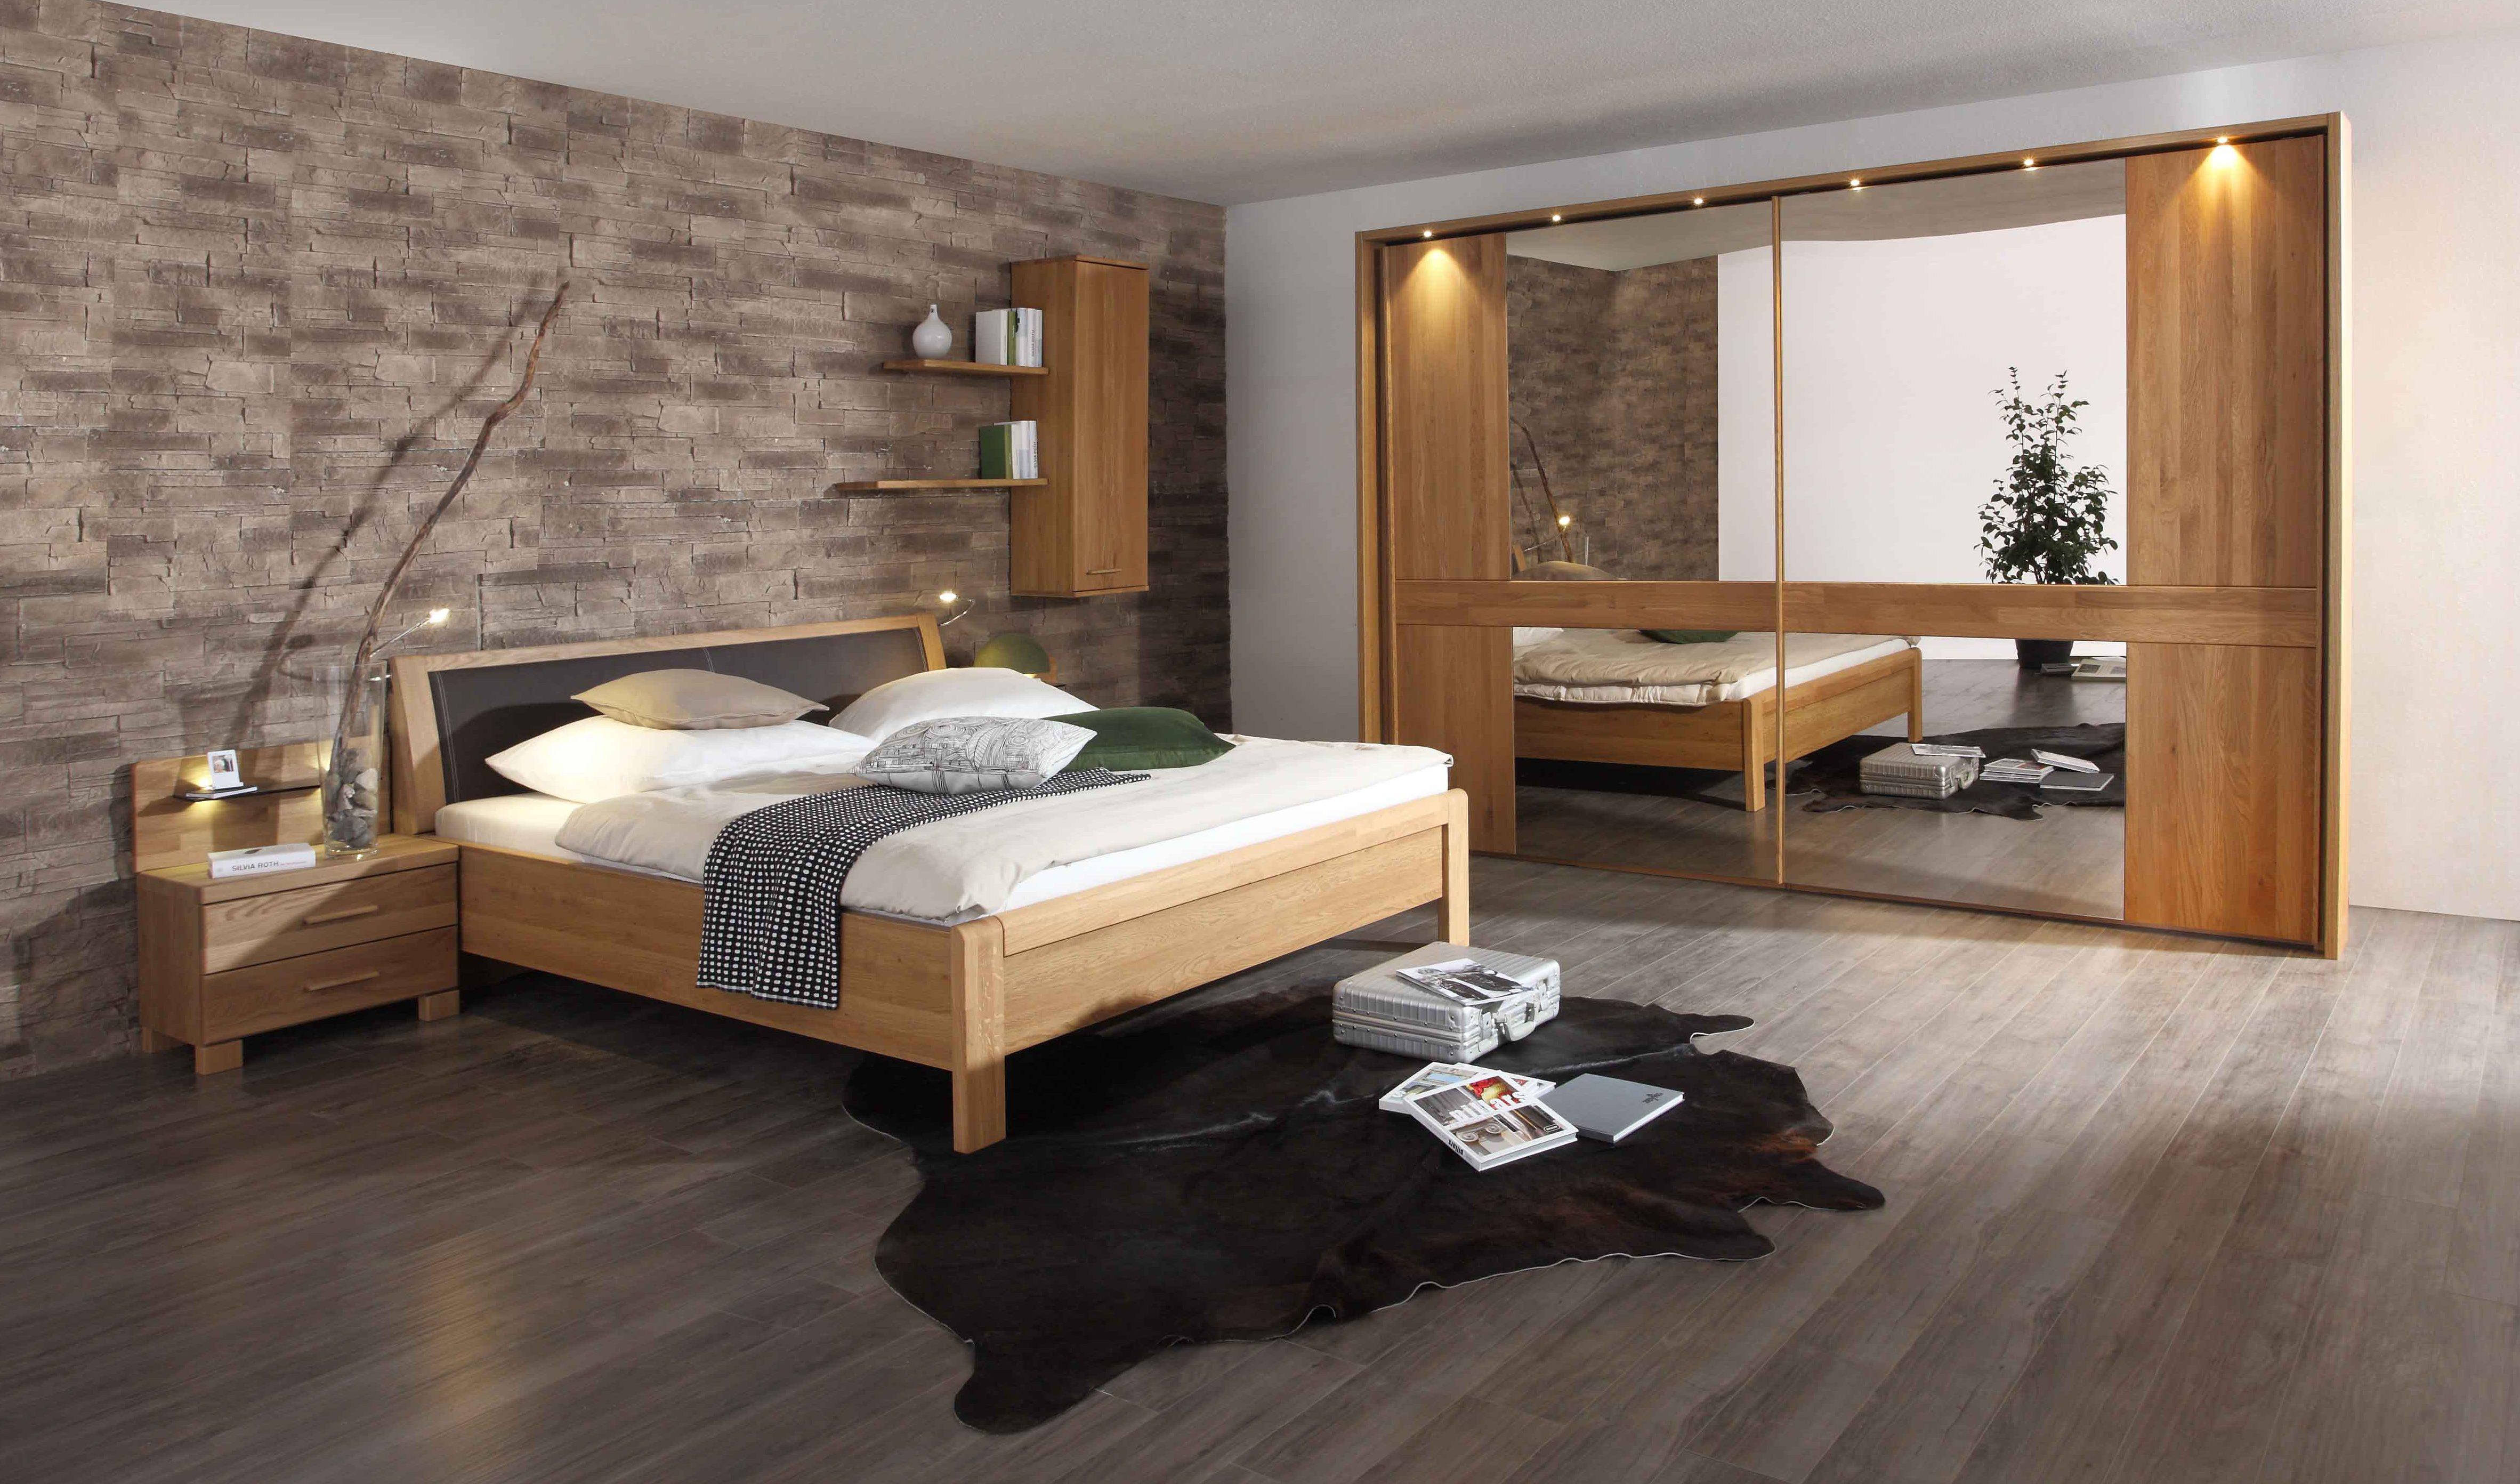 faro gent slaapkamer meubelen de keizer tilt. Black Bedroom Furniture Sets. Home Design Ideas